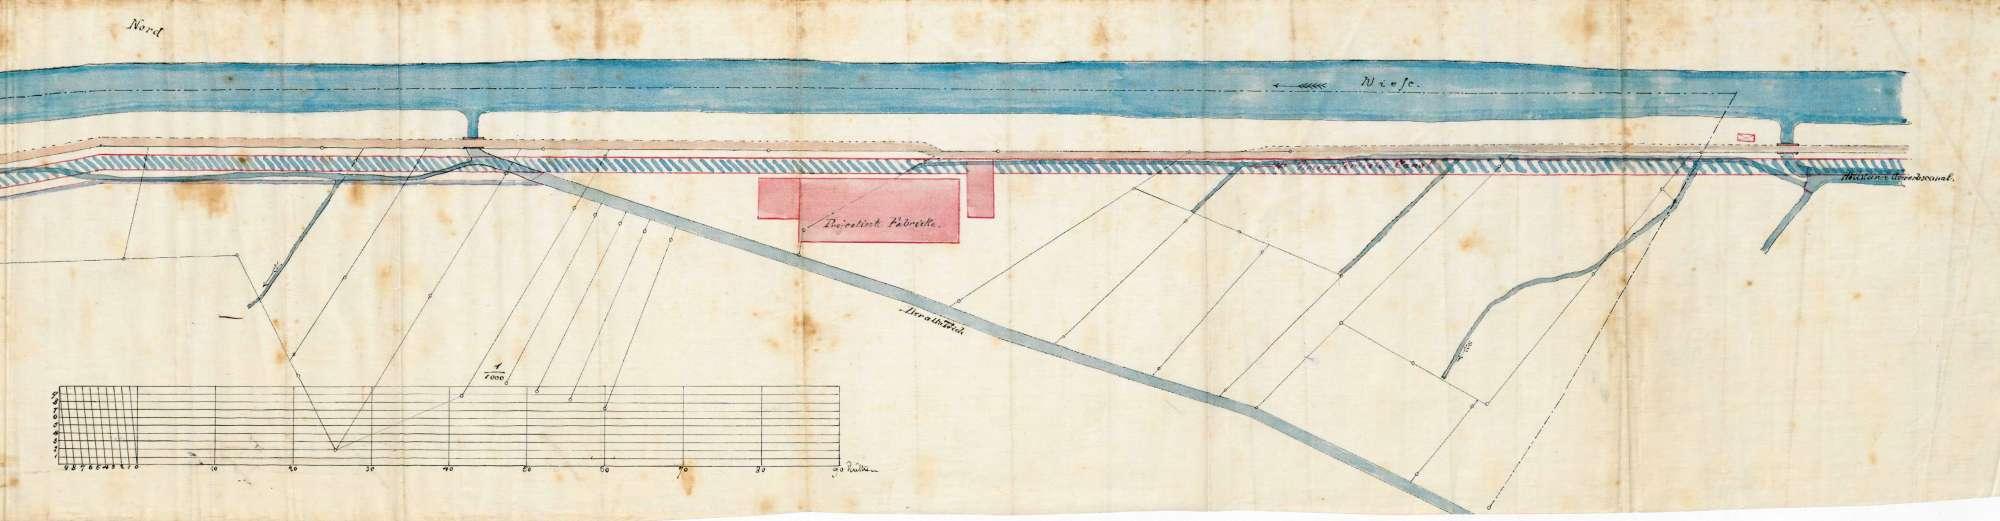 Einrichtung eines Wasserwerks durch den Fabrikanten Louis Merian in Höllstein; Beschwerden von wasserberechtigten Mitbesitzern, Bild 2